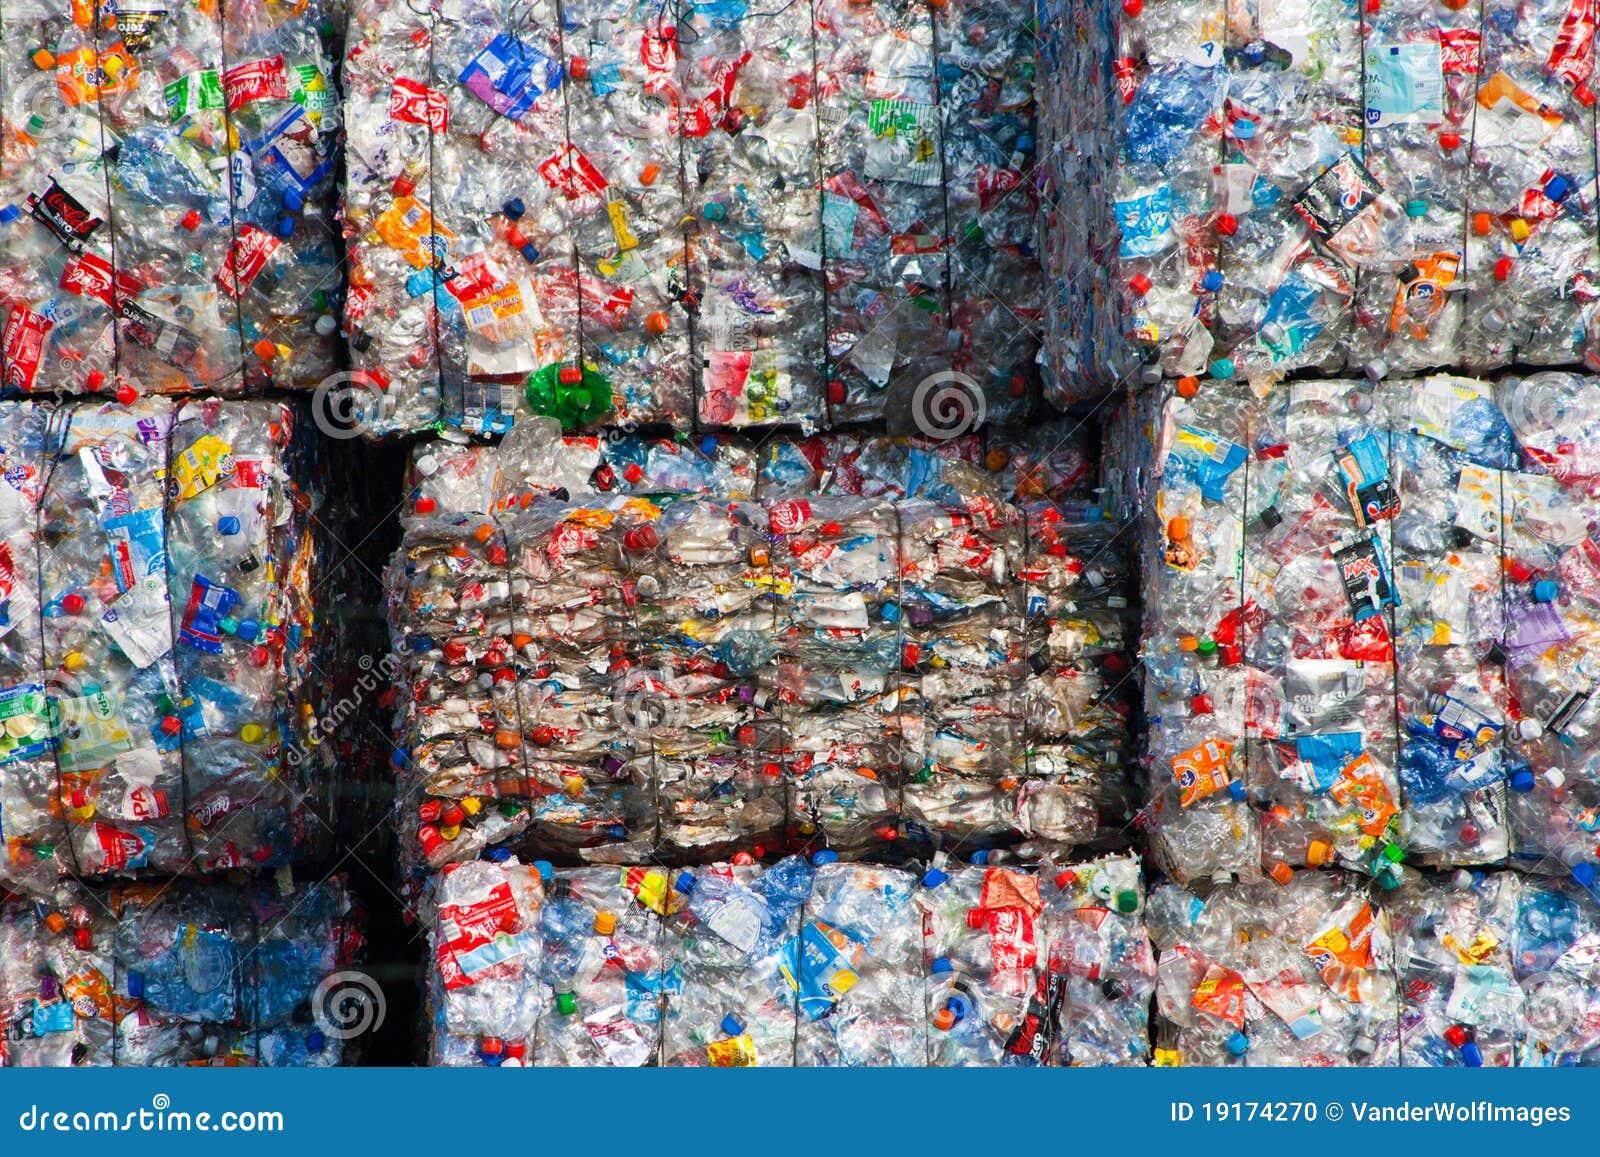 POR QUÉ RECICLAR. El espectacular aumento en el consumo de plástico de la sociedad moderna, quese estima que crece un 4% anualmente, se ha extendido no sólo en el campo de los envases sino que también en el campo de la automoción, vivienda, vestido y todo tipo de bienes comunes.